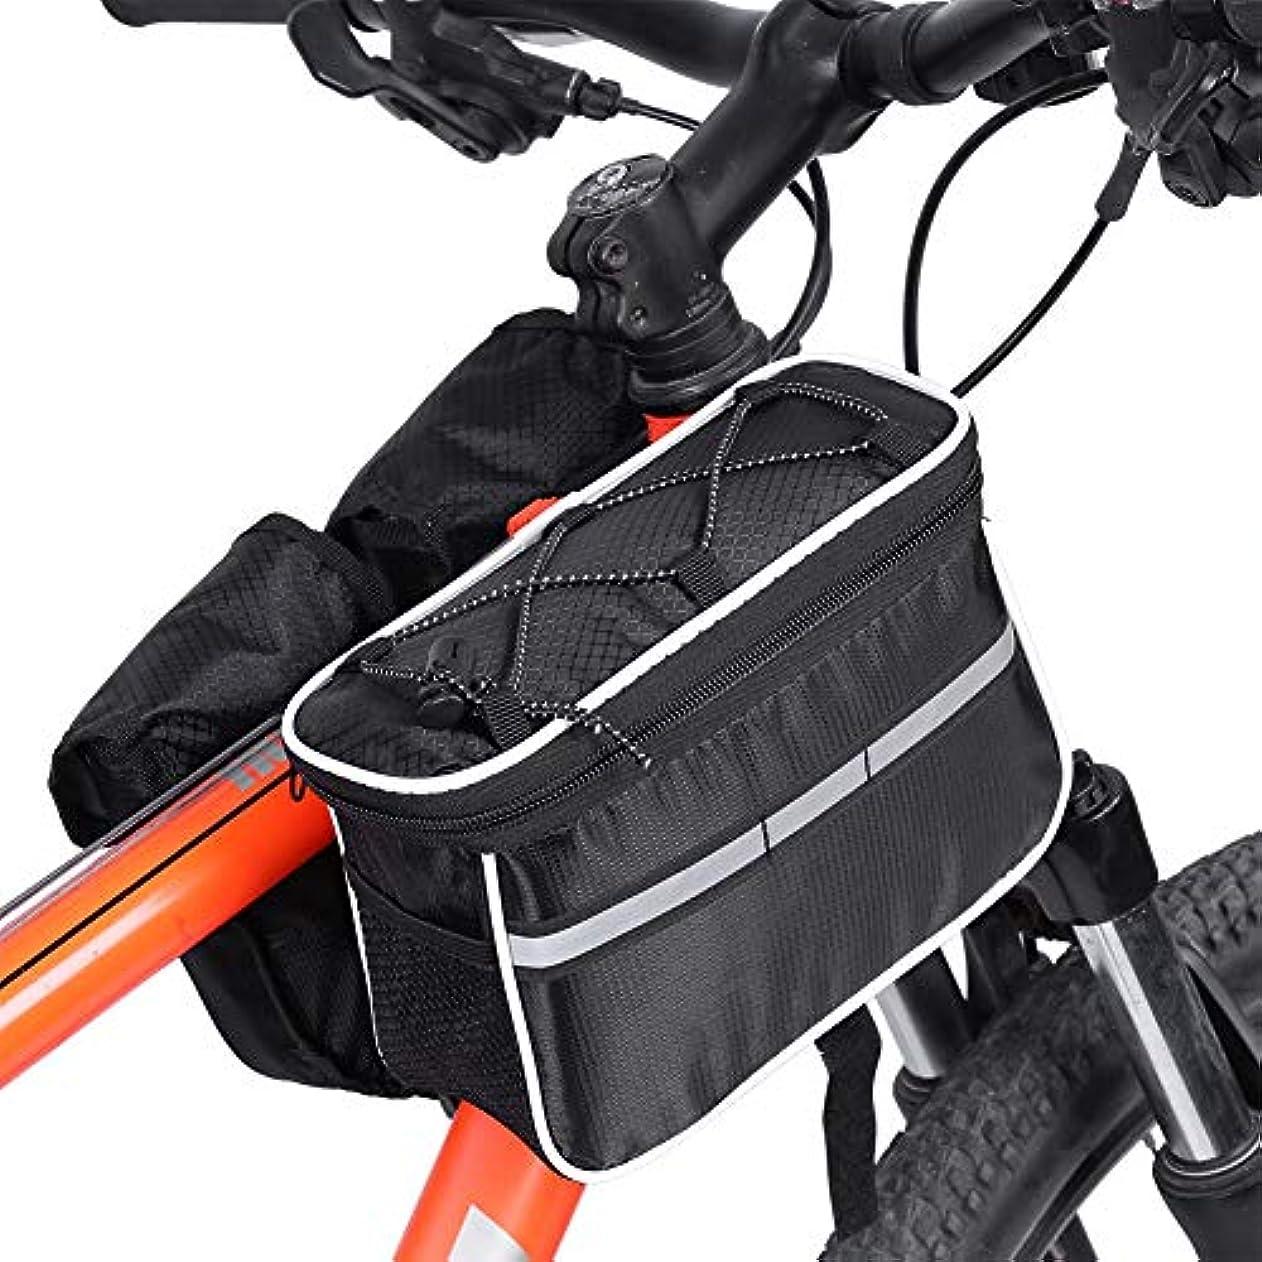 不調和二層不可能な自転車 ハンドルバッグ フレーム フロント ハンドルバーバッグ 防水 耐摩耗 大容量 反射 トップチューブ ウエストバッグ 自転車用バッグ 雨カバー付き(黑)